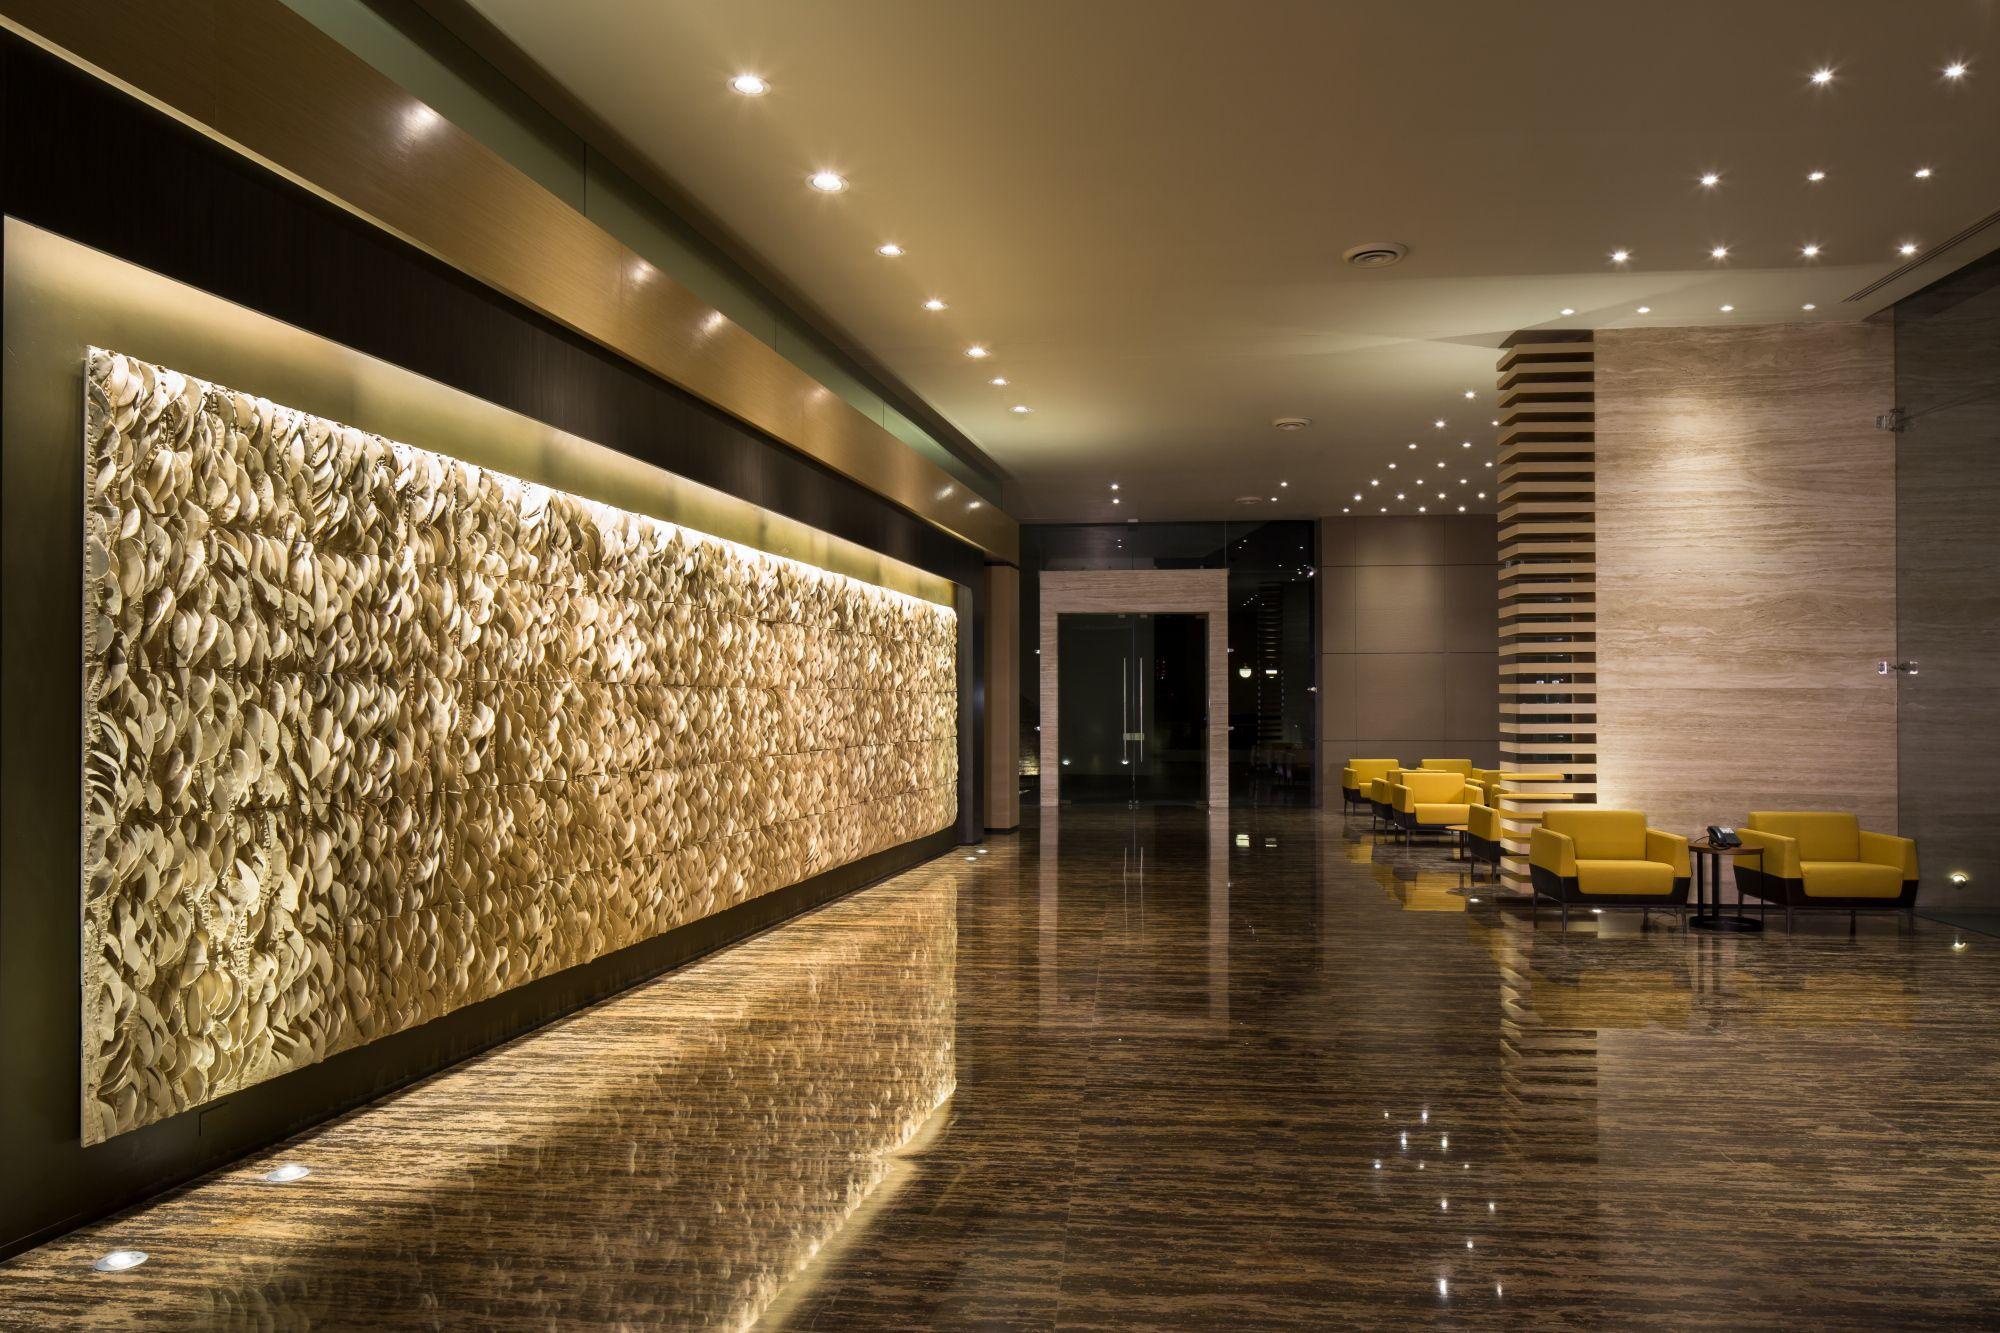 Dise amos un lobby abierto y compartido para las dos - Arquitectos de interiores ...